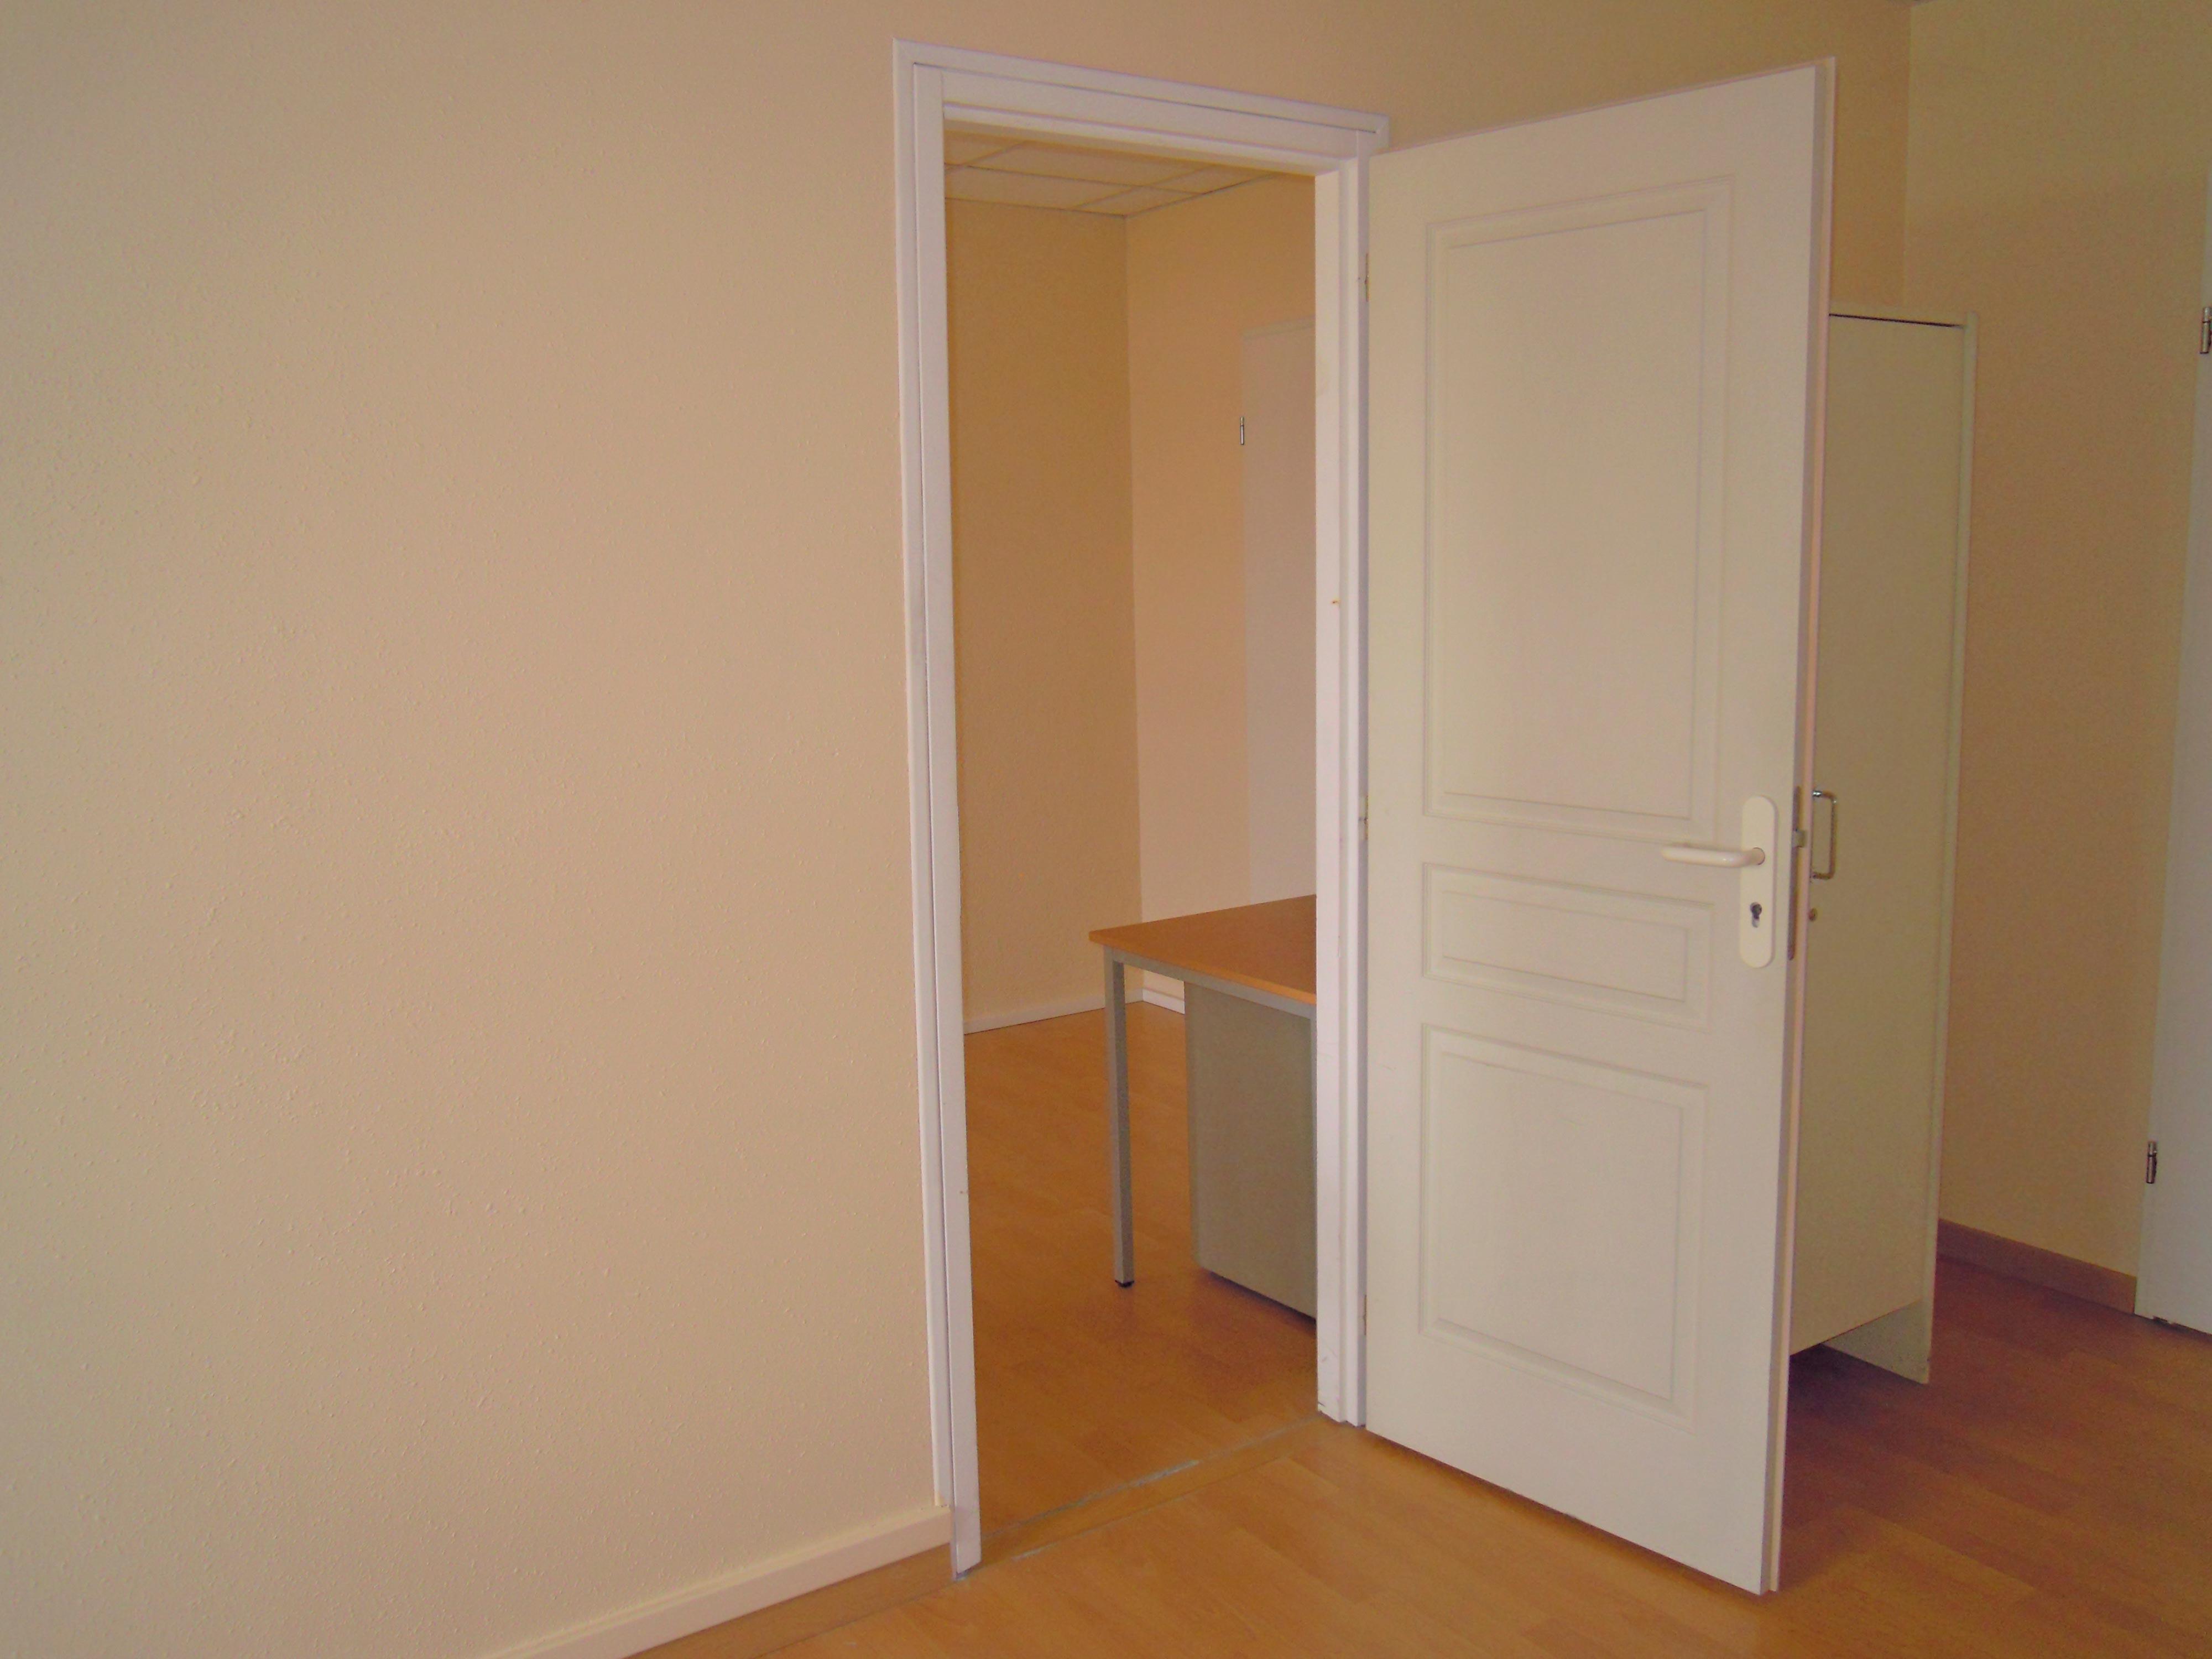 location de bureaux irigny chaponost oasis entreprises. Black Bedroom Furniture Sets. Home Design Ideas